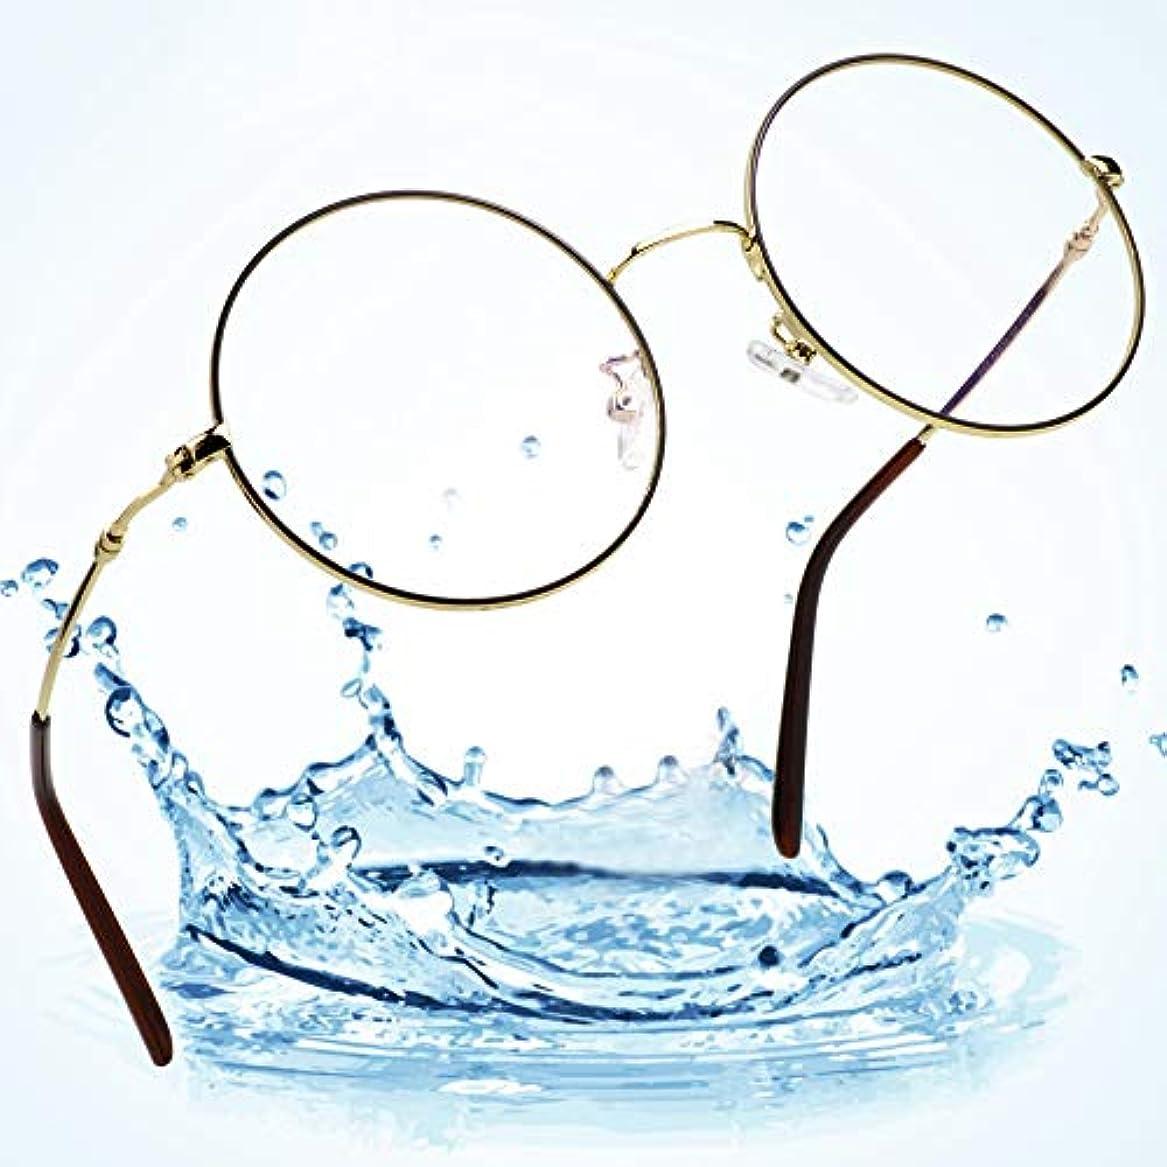 レンドアーティファクトファブリックLifeArtブルーライトブロッキングメガネ、UV400アンチアイストレイン、男性/女性用合金フレーム (ゴールド&ブラック, 0.00)